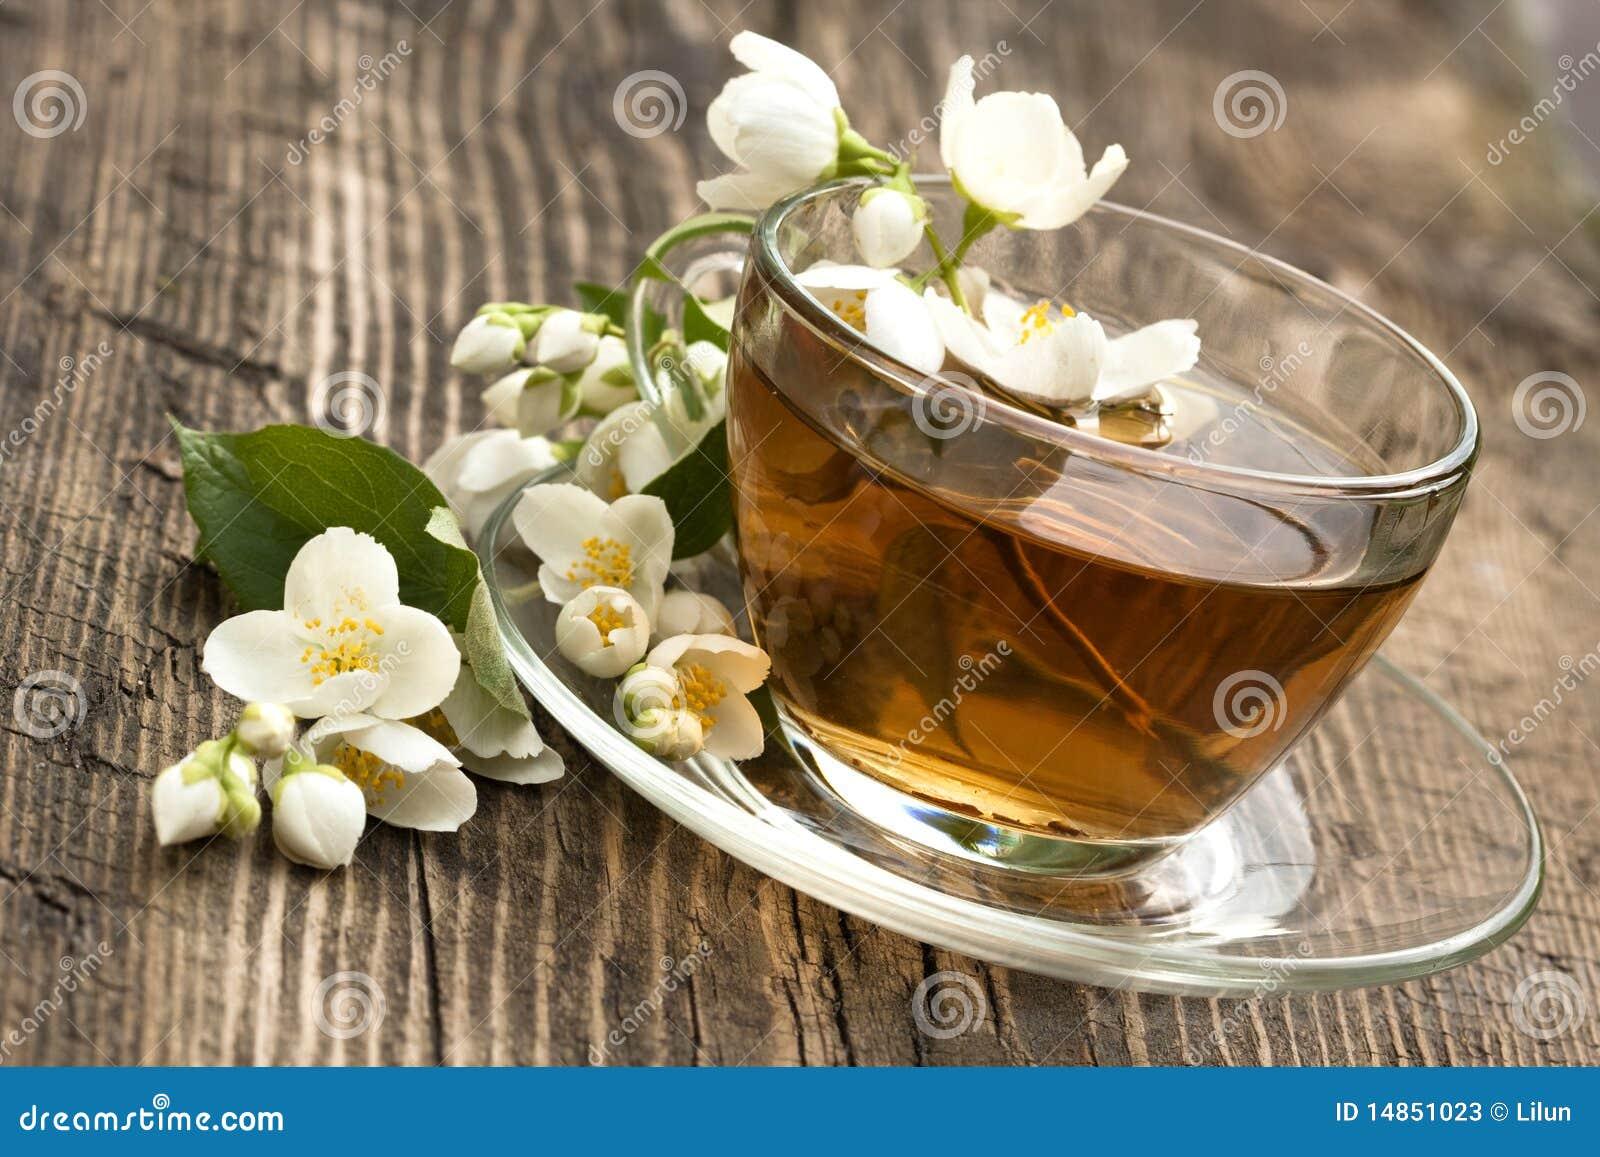 Tea and jasmine